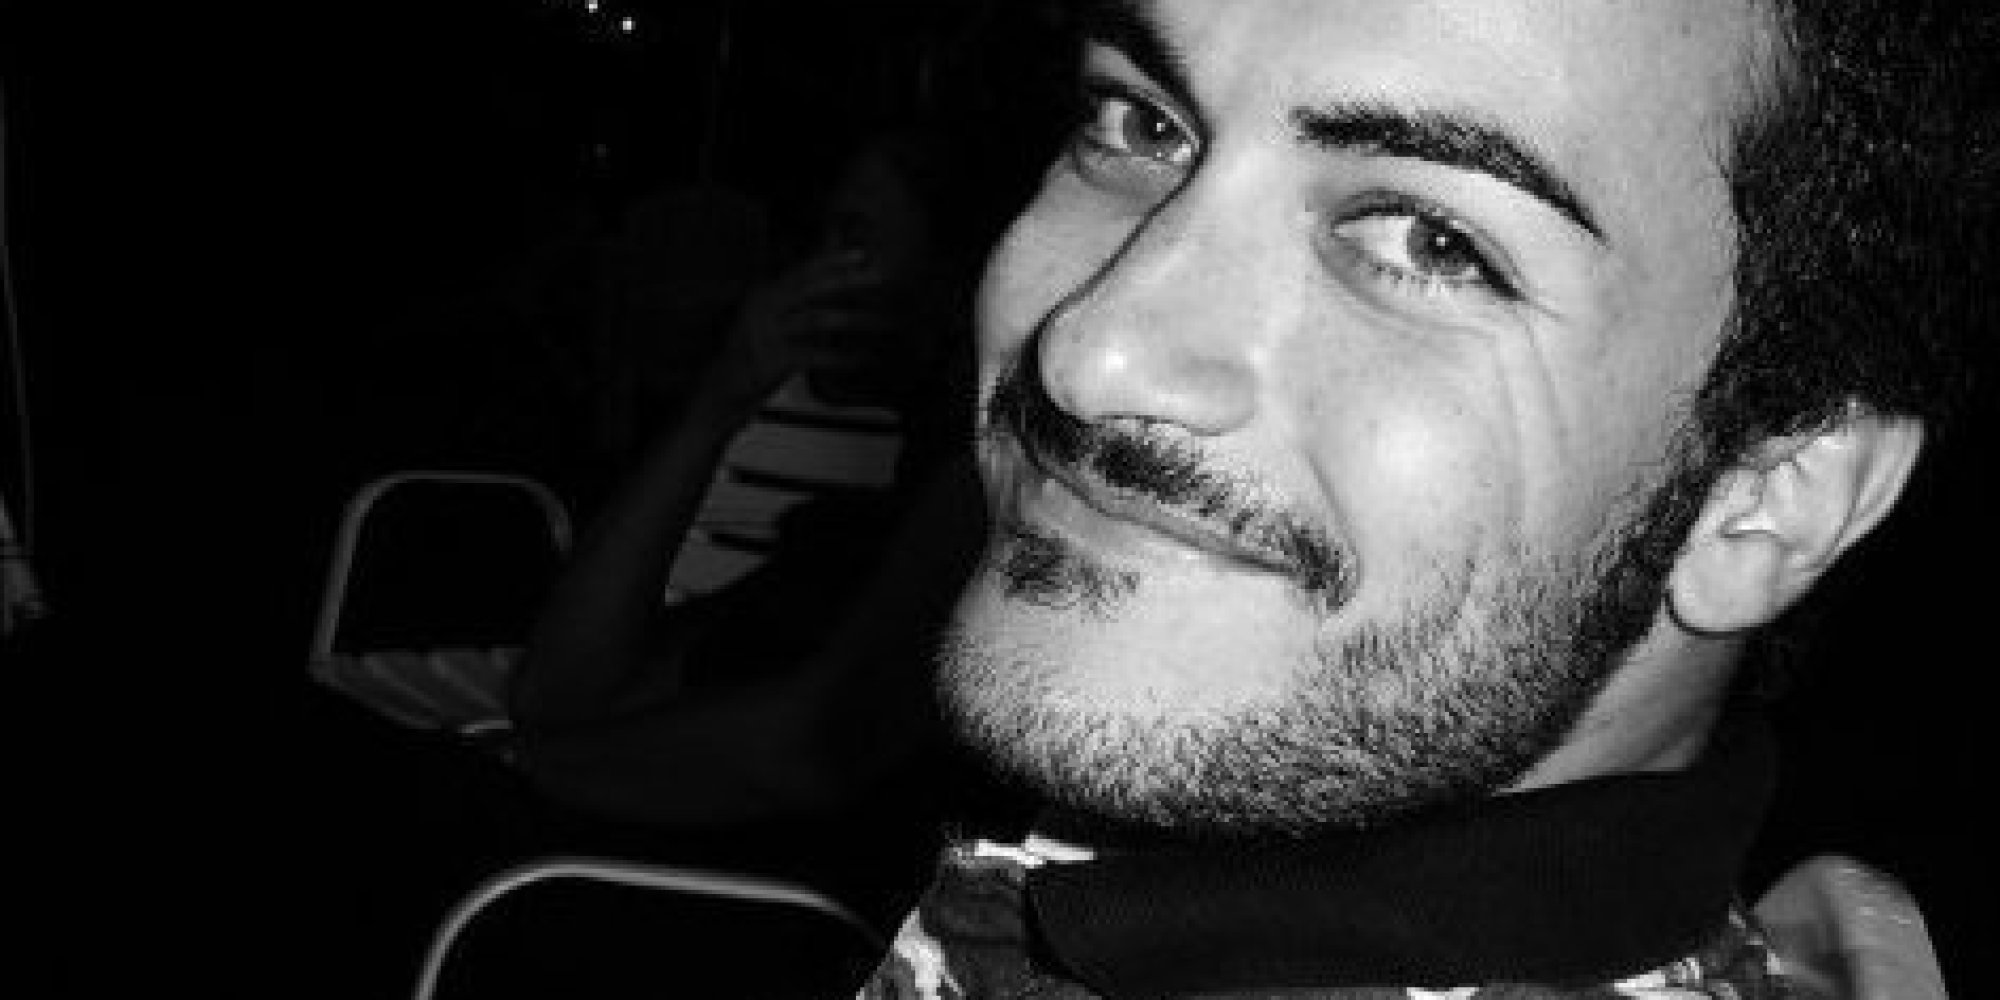 Il giornalista di Piazzapulita Antonino Monteleone fermato dalla Polizia. Cercava di intervistare il giudice Anna Scognamiglio - o-MONTELEONE-facebook